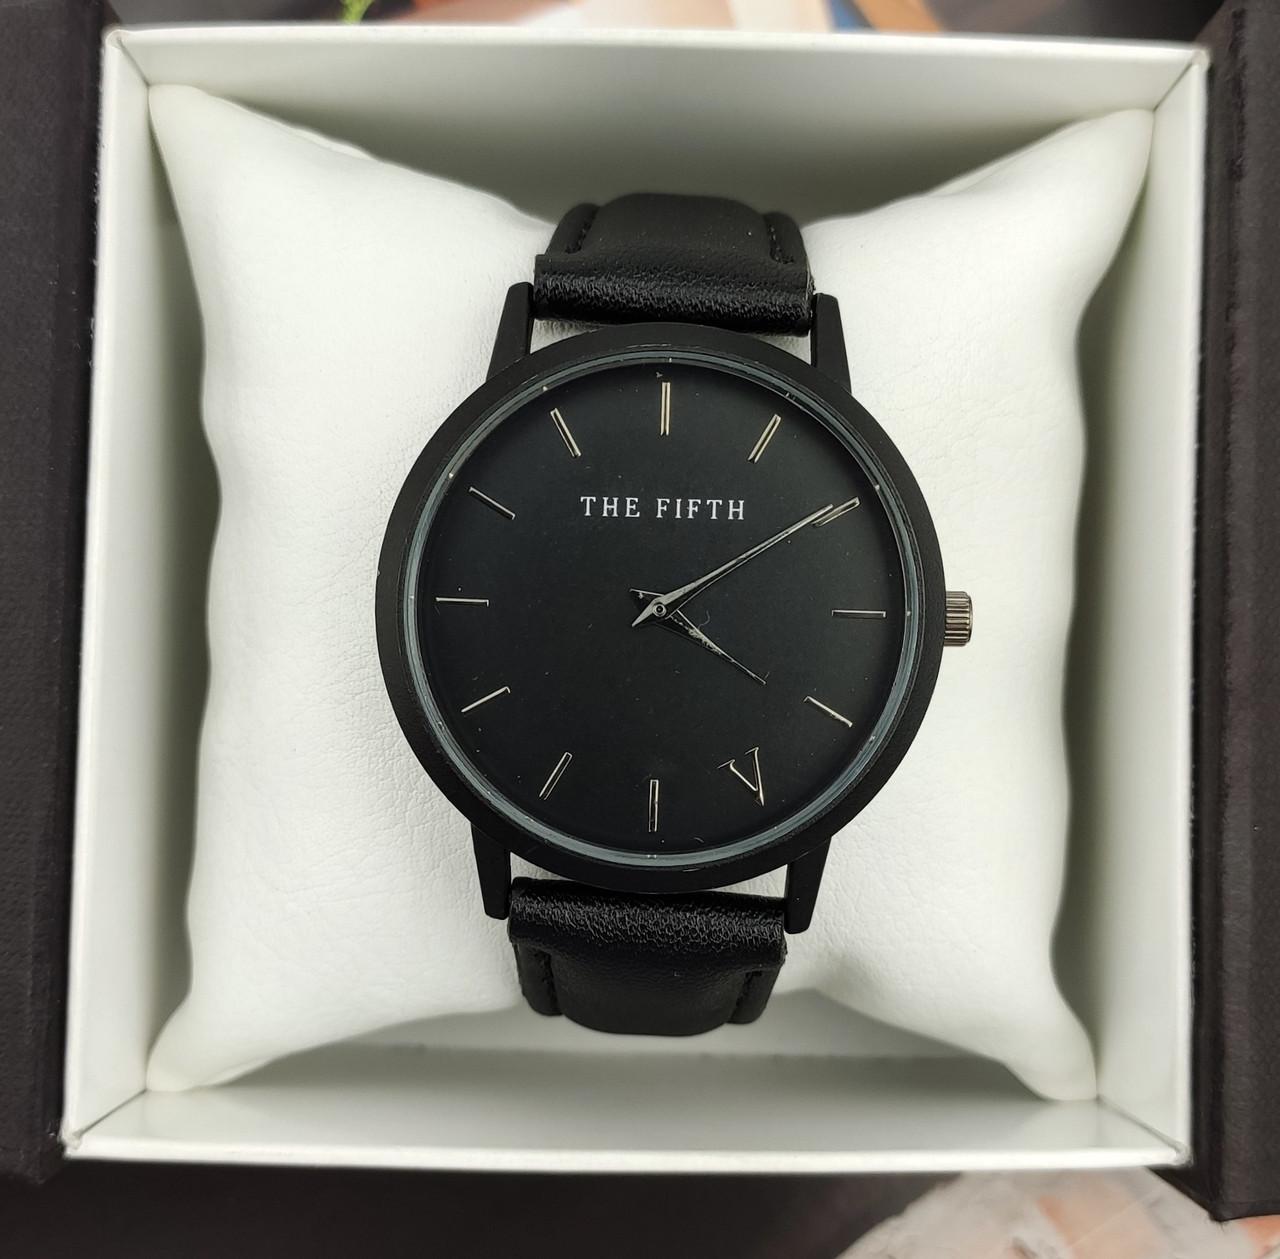 Часы V унисекс (black) - гарантия 6 месяцев